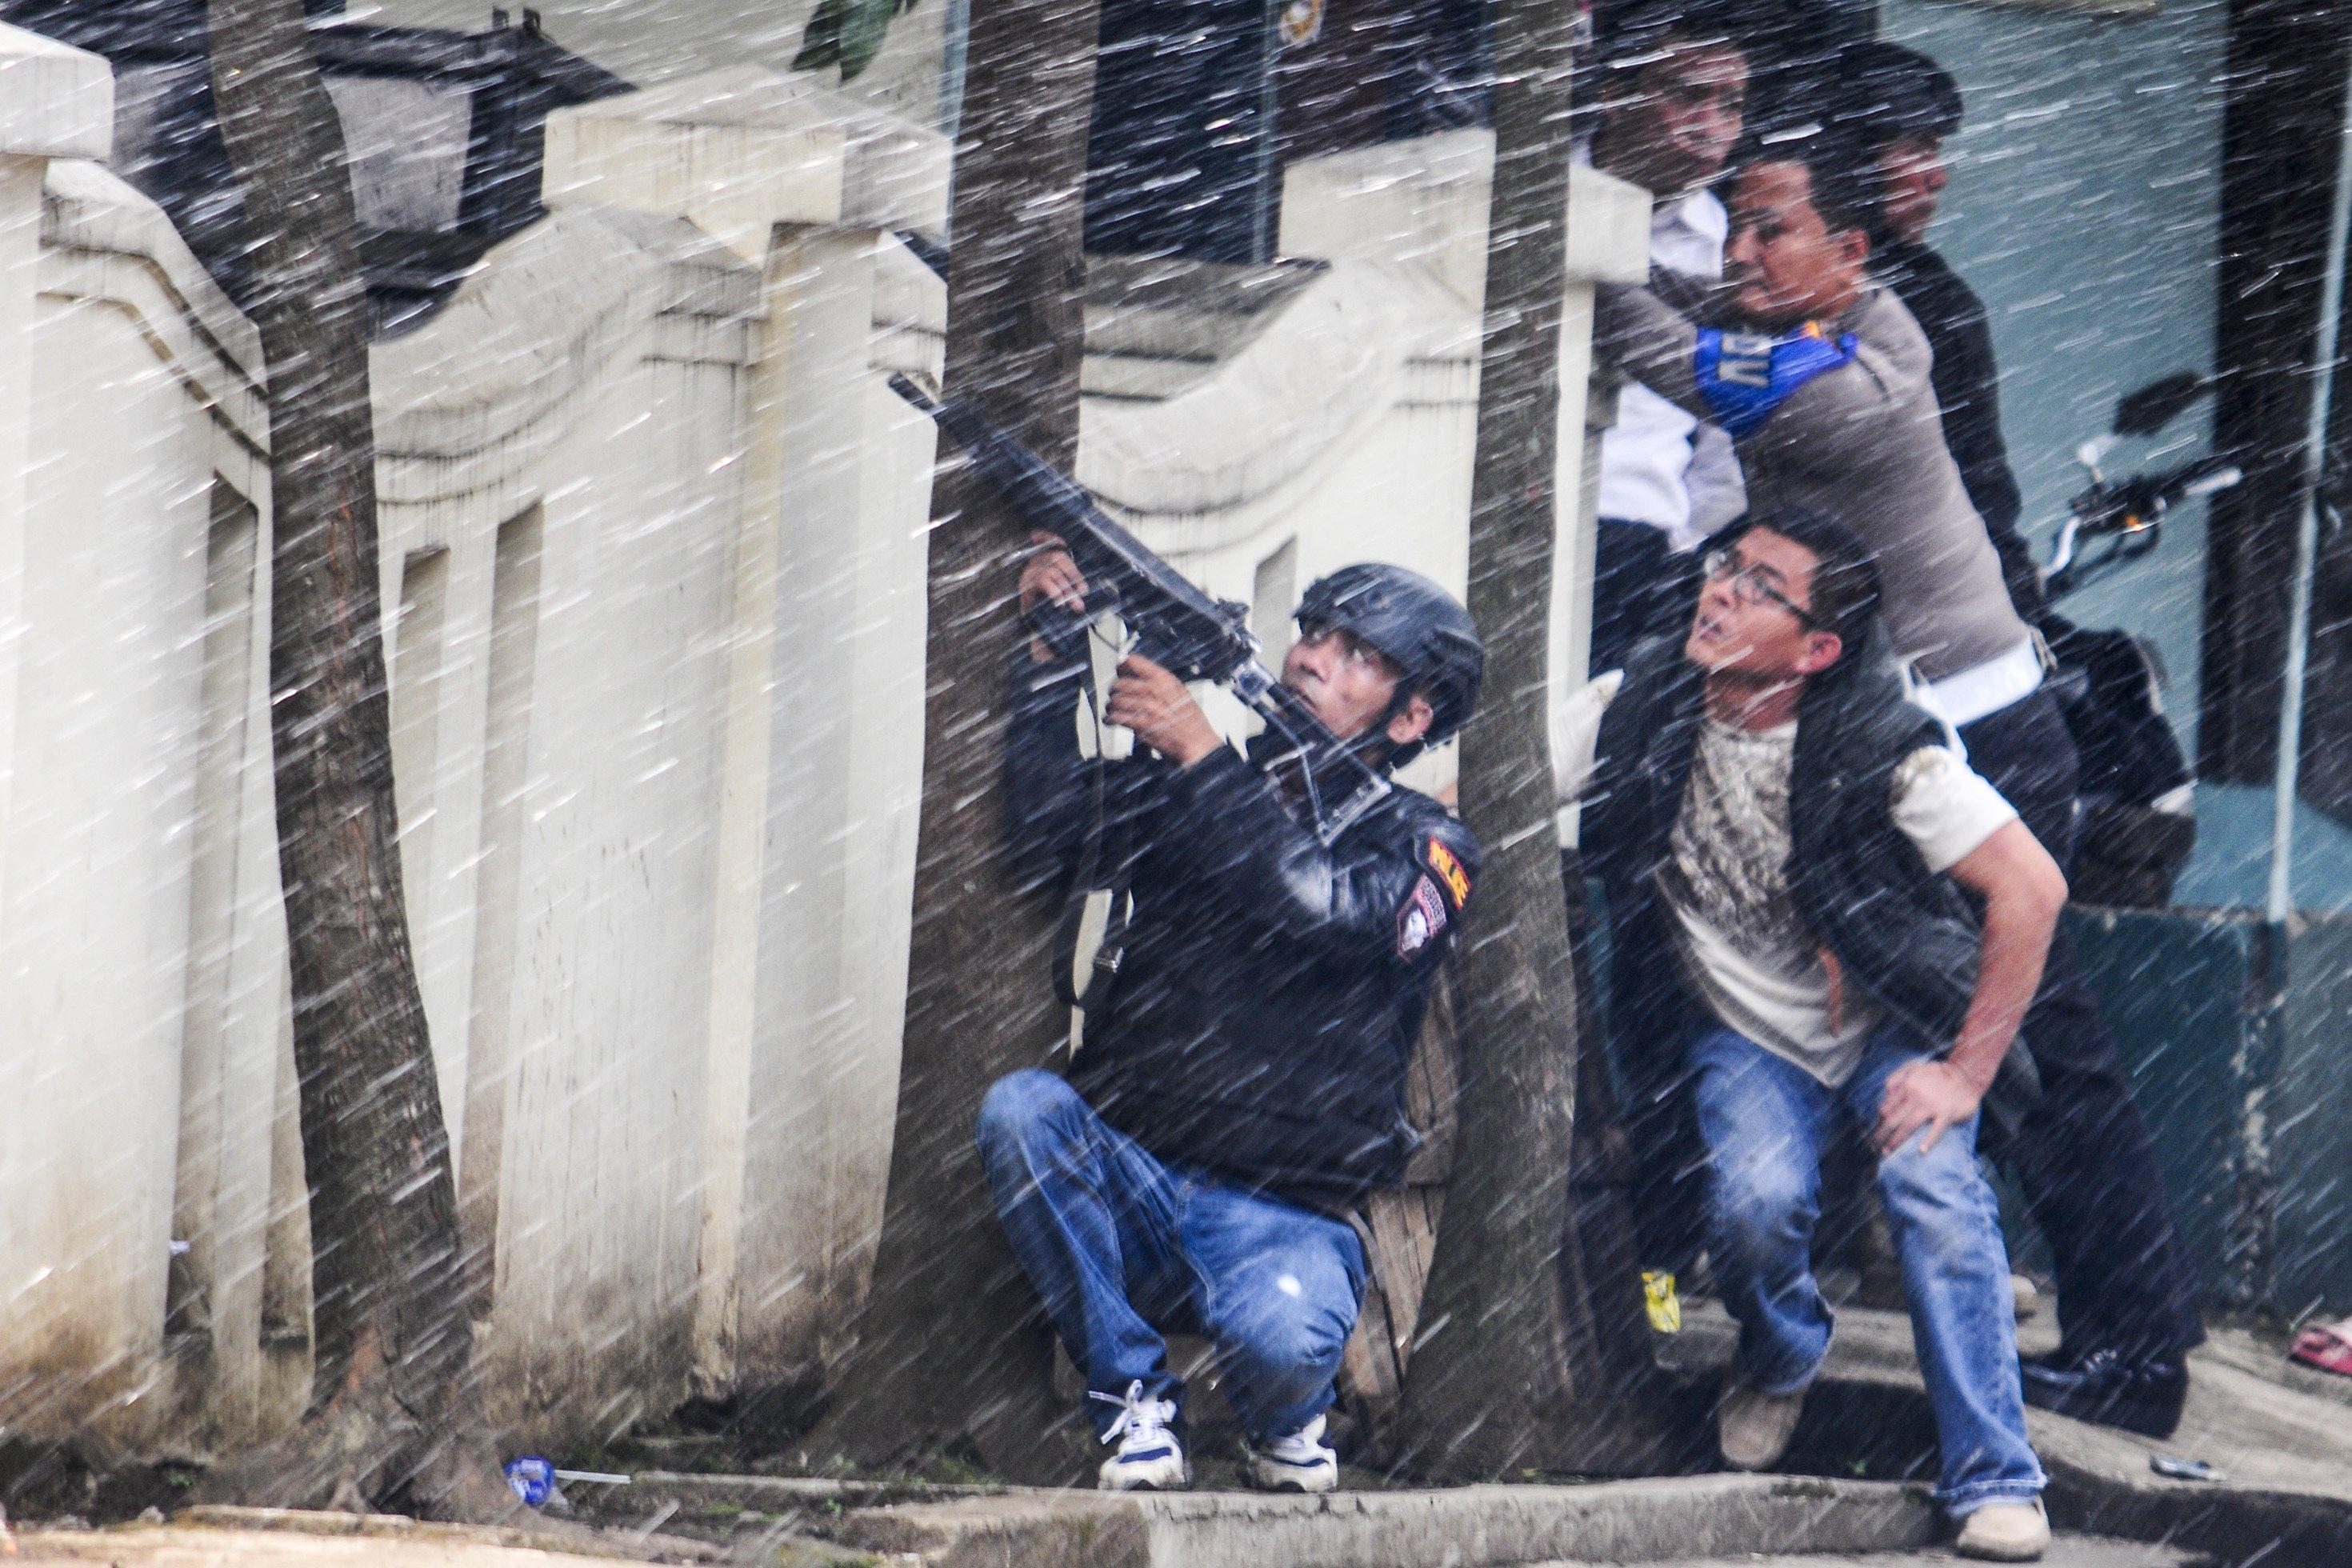 Petugas kepolisian bersenjata lengkap berusaha melumpuhkan terduga teroris di Kantor Kelurahan Arjuna, Bandung, Jawa Barat, Senin (27/2).